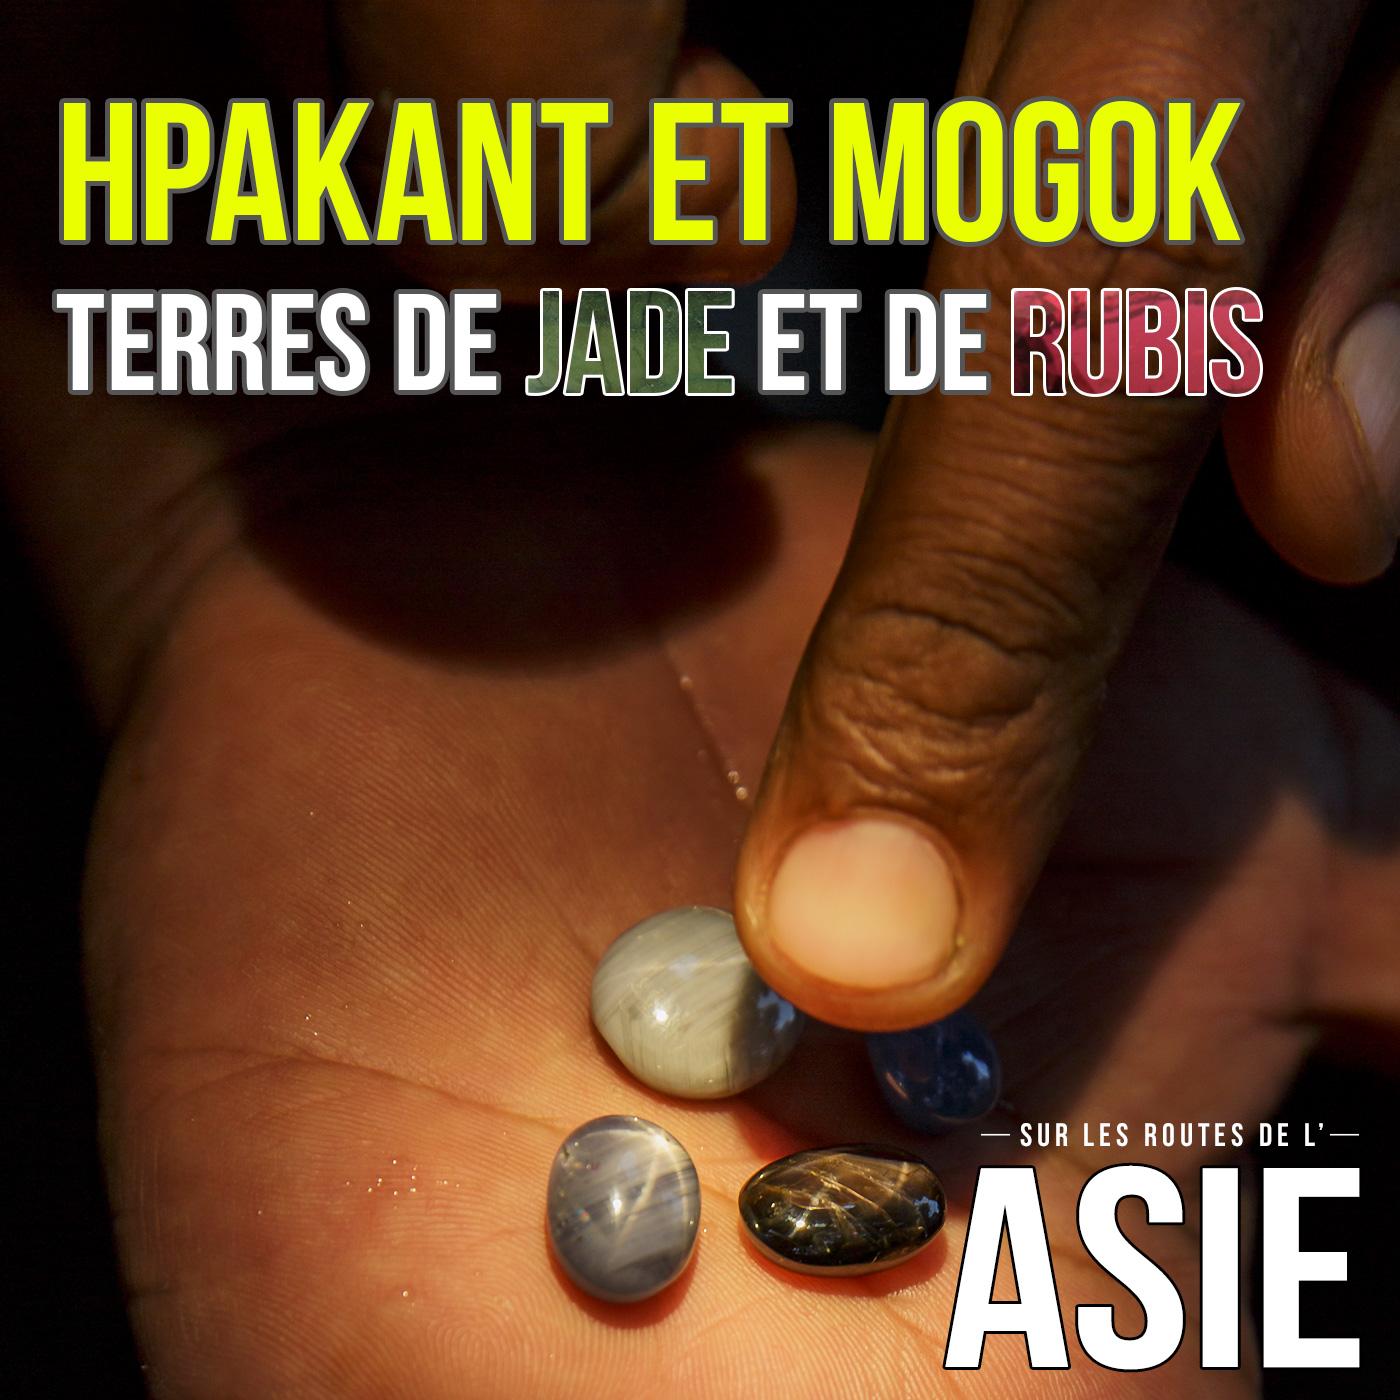 Hpakant et Mogok, terres de jade et de rubis (Myanmar / Birmanie)